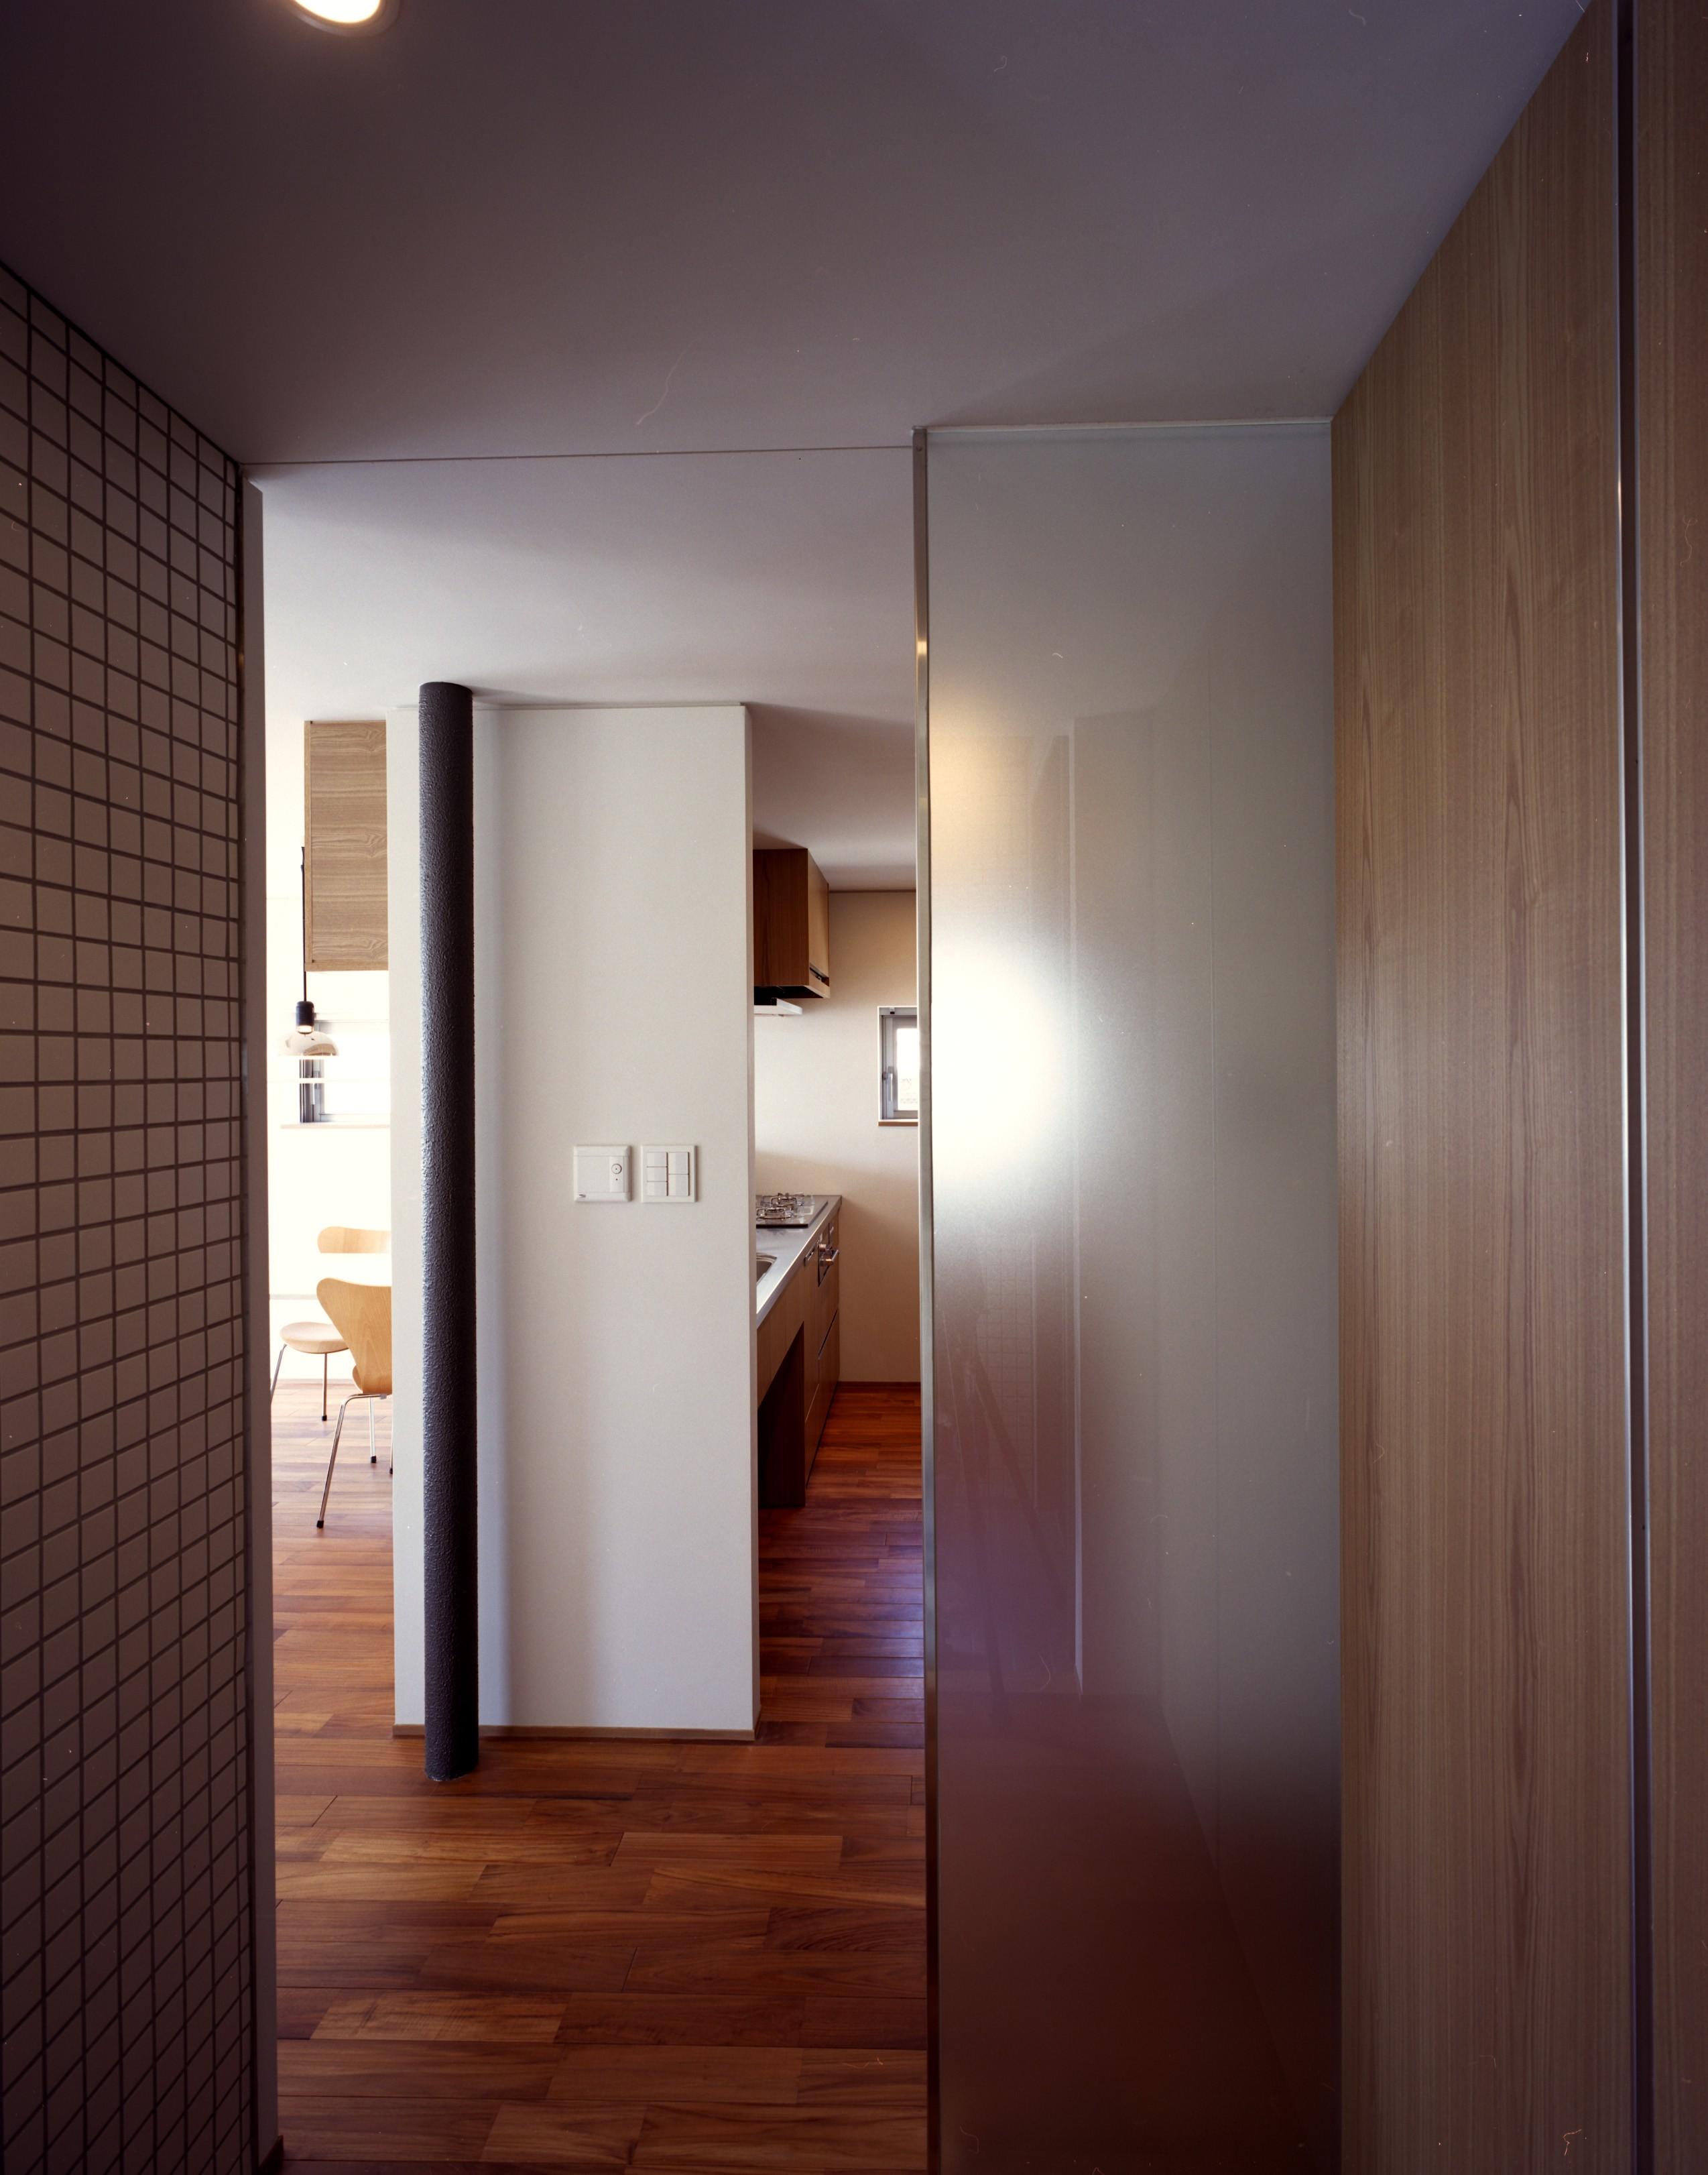 リビングダイニング事例:廊下 - キッチン(【カーサ カスバ - 親の家】 家族4世代の住まい+仕事場+賃貸住居)